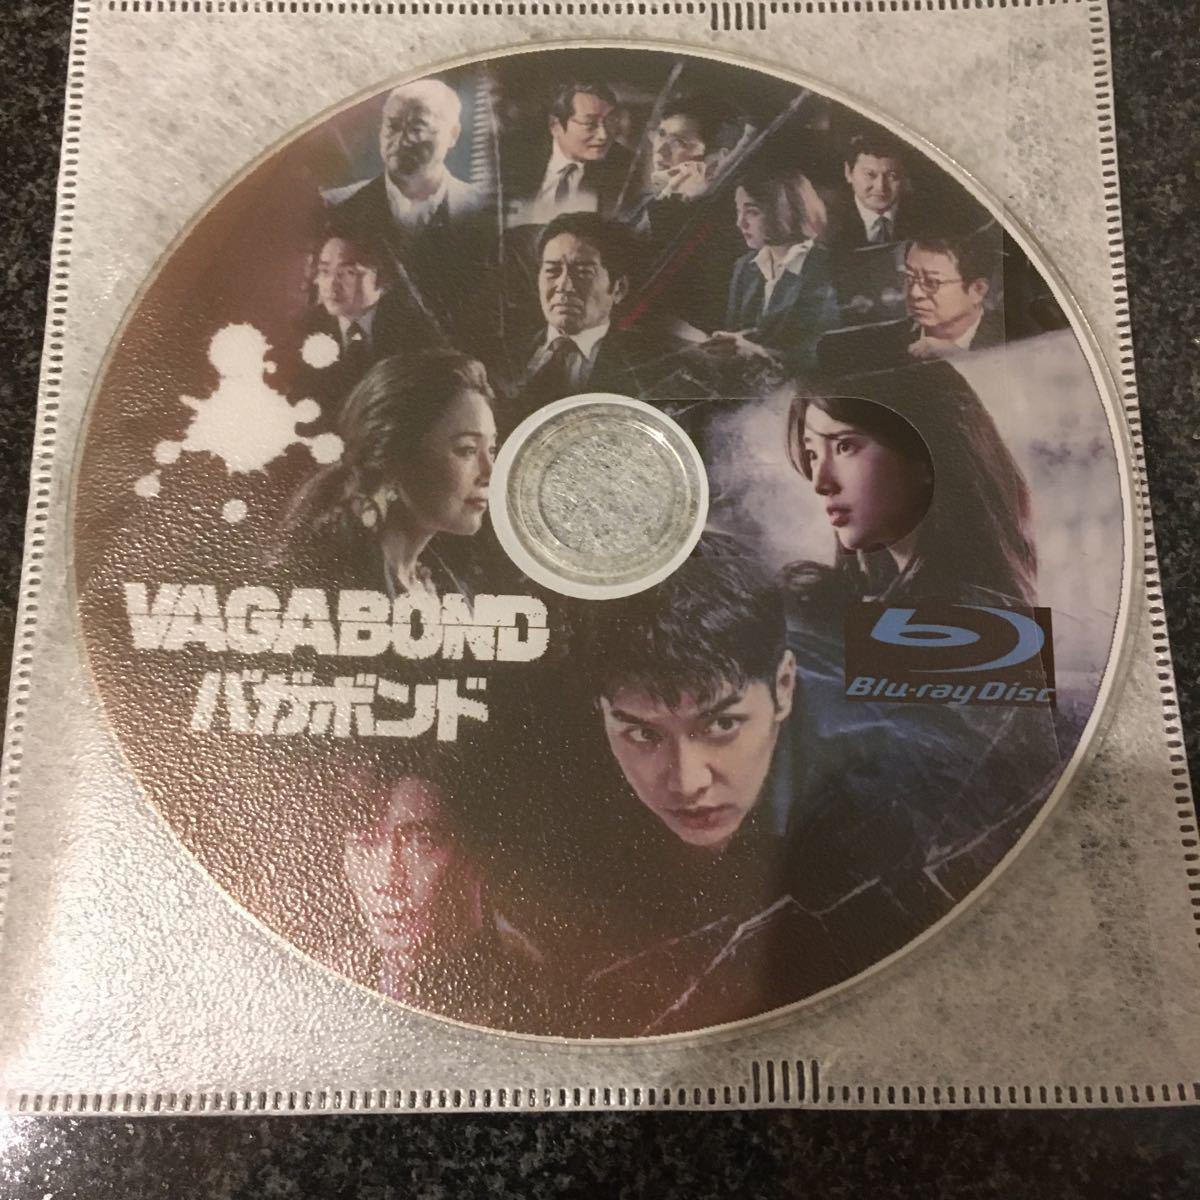 バガボンド 韓国ドラマ ブルーレイ全話 Blu-ray 韓国ドラマ